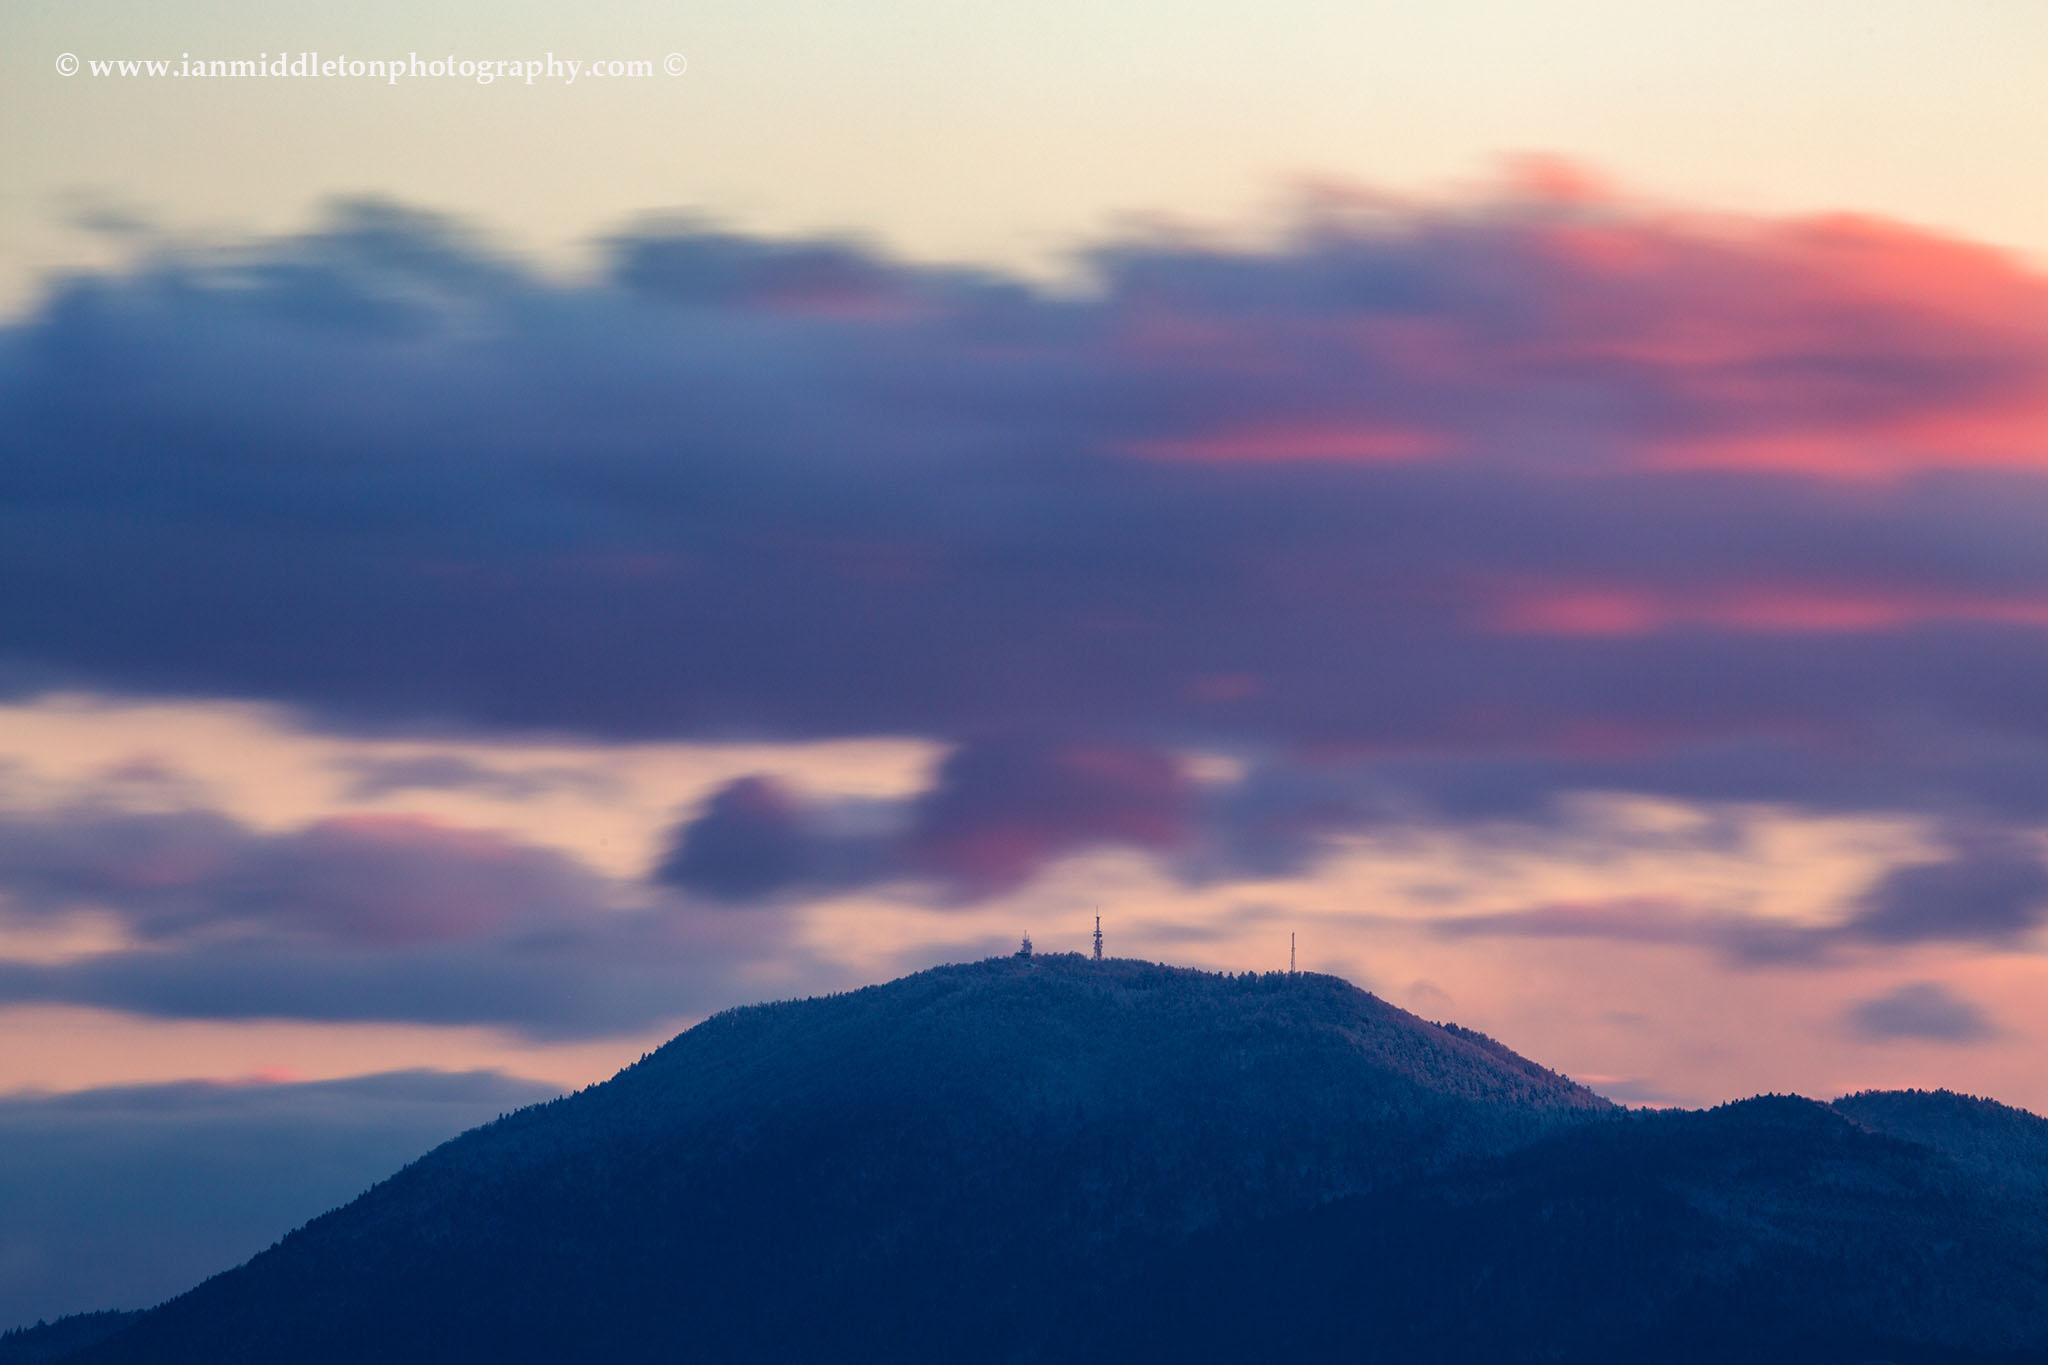 Clouds gather over Krim Mountain, on the Ljubljansko Barje, south of Ljubljana, Slovenia. Ljubljana Marshland (Ljubljansko Barje), a large area of wetland 160 square kilometres in size.